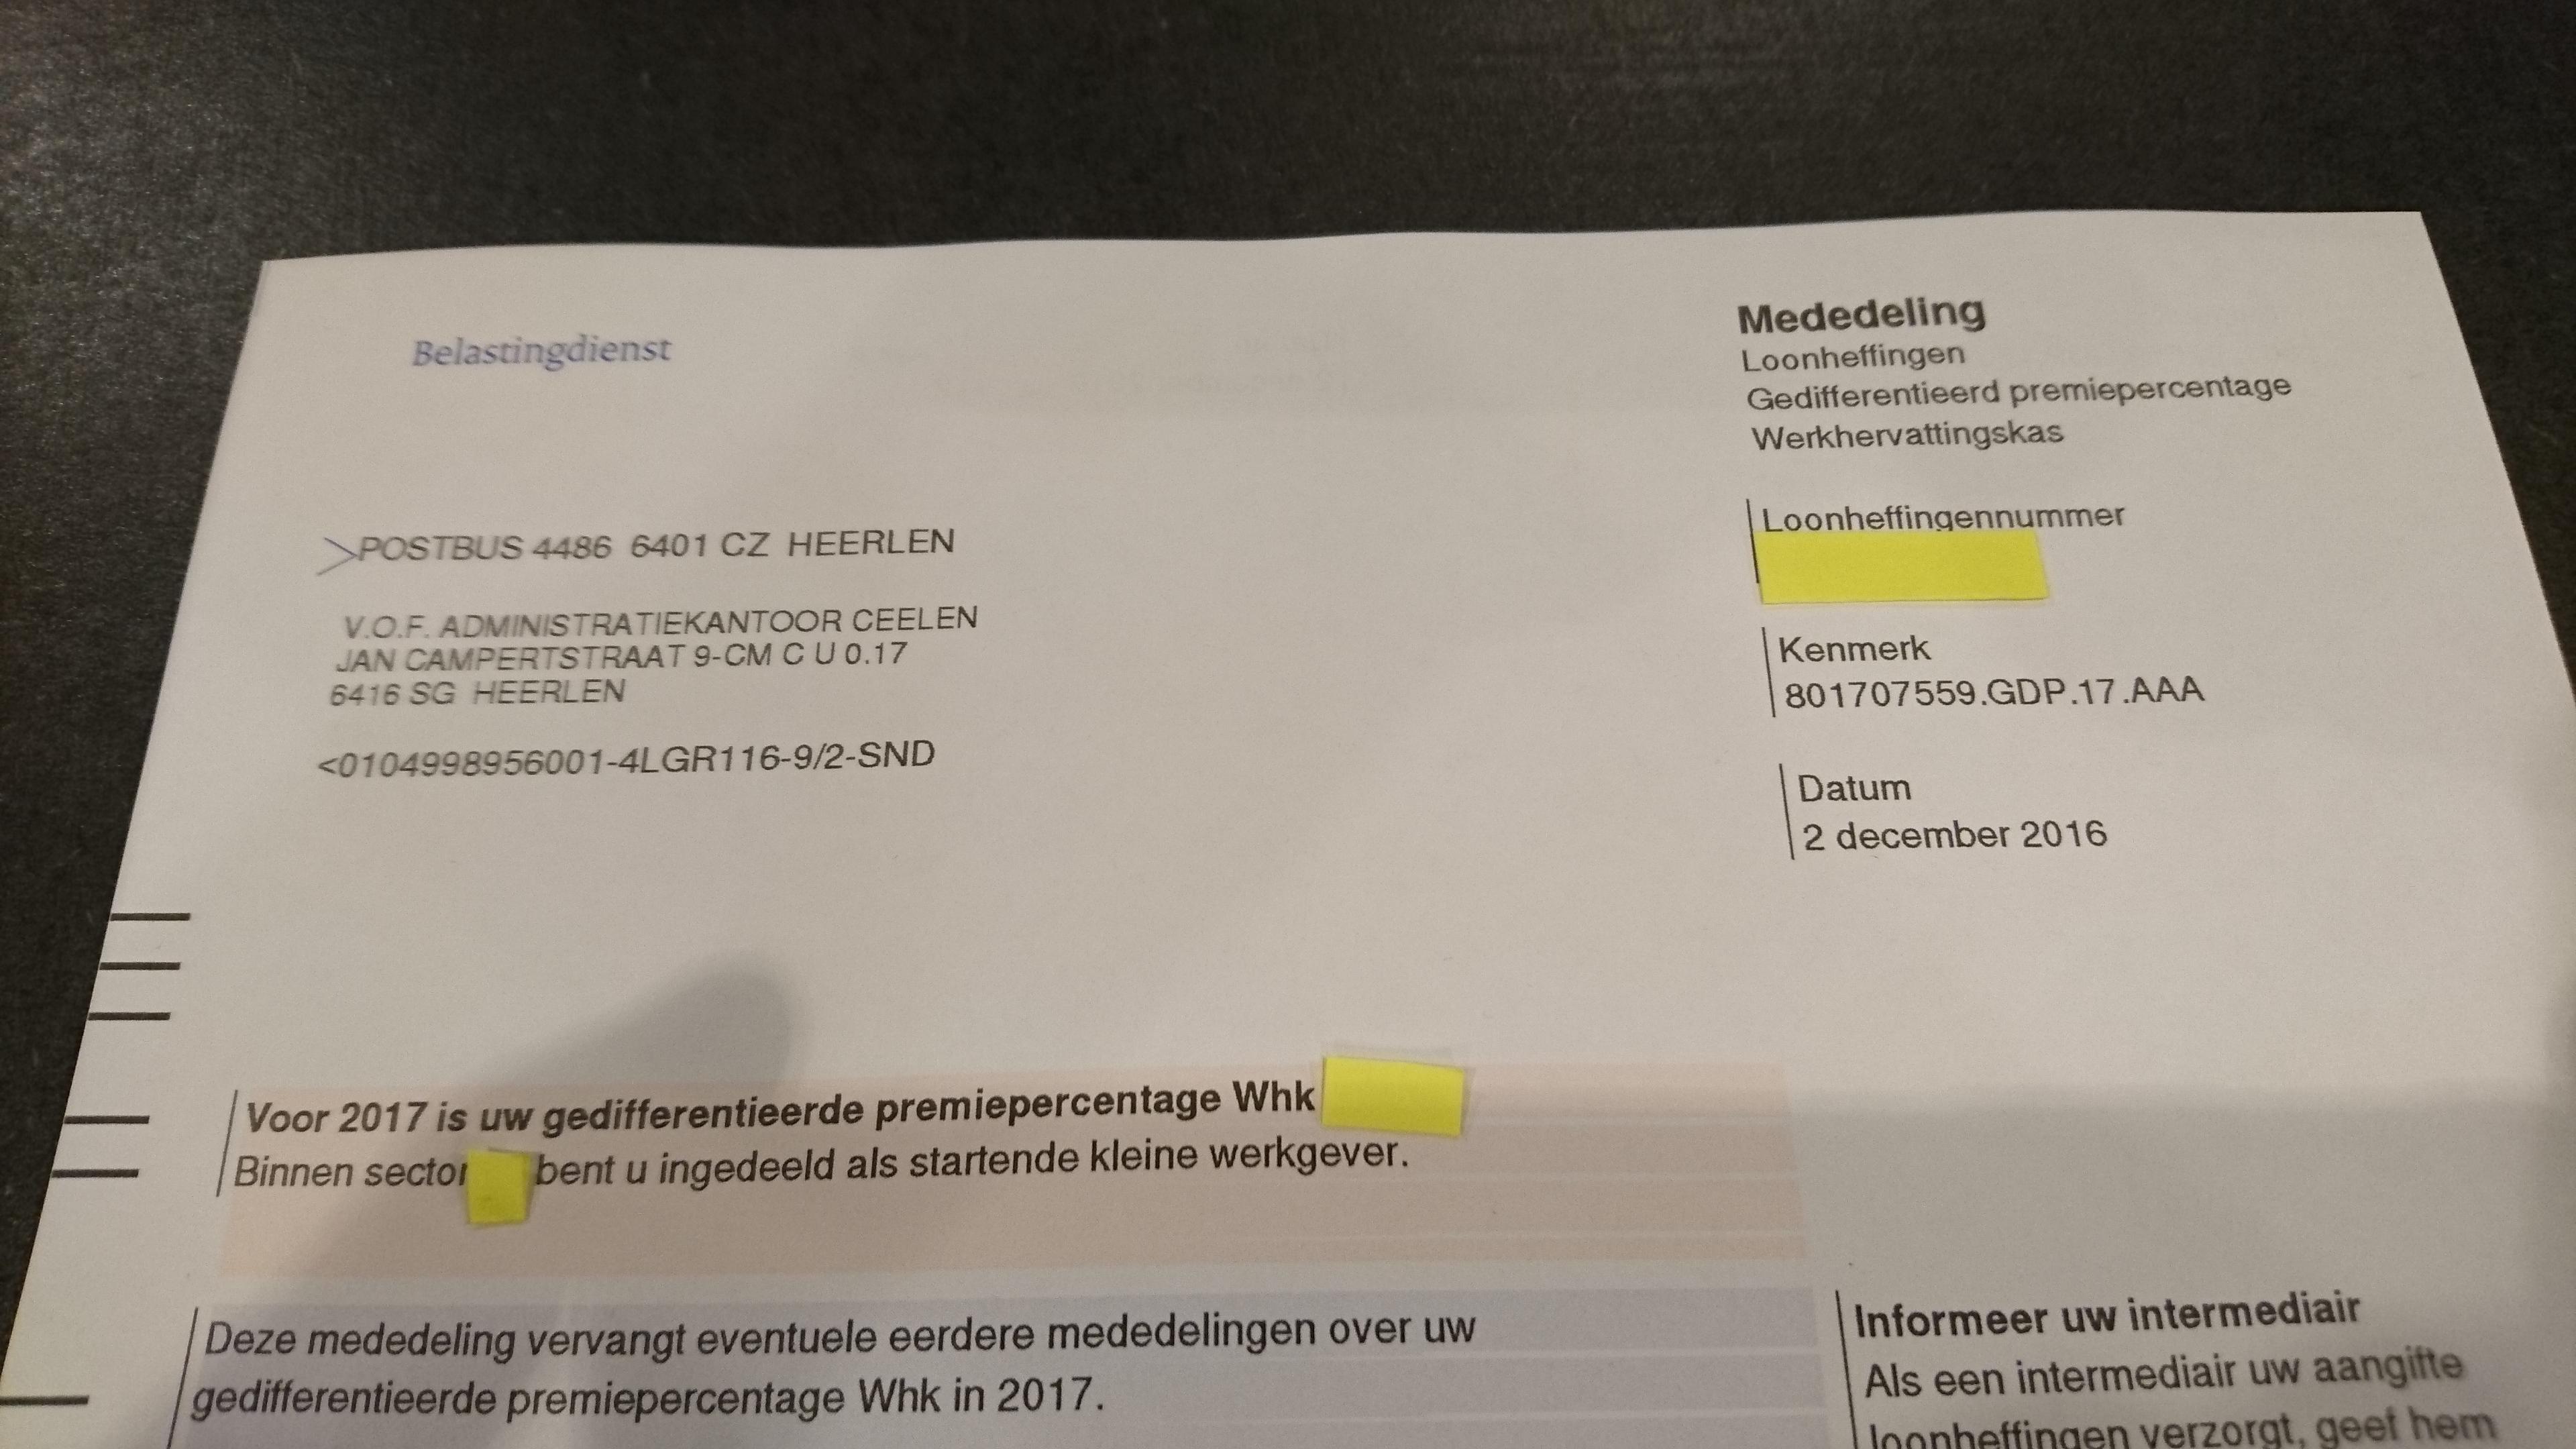 Brief Werkhervattingskas (Whk) 2017